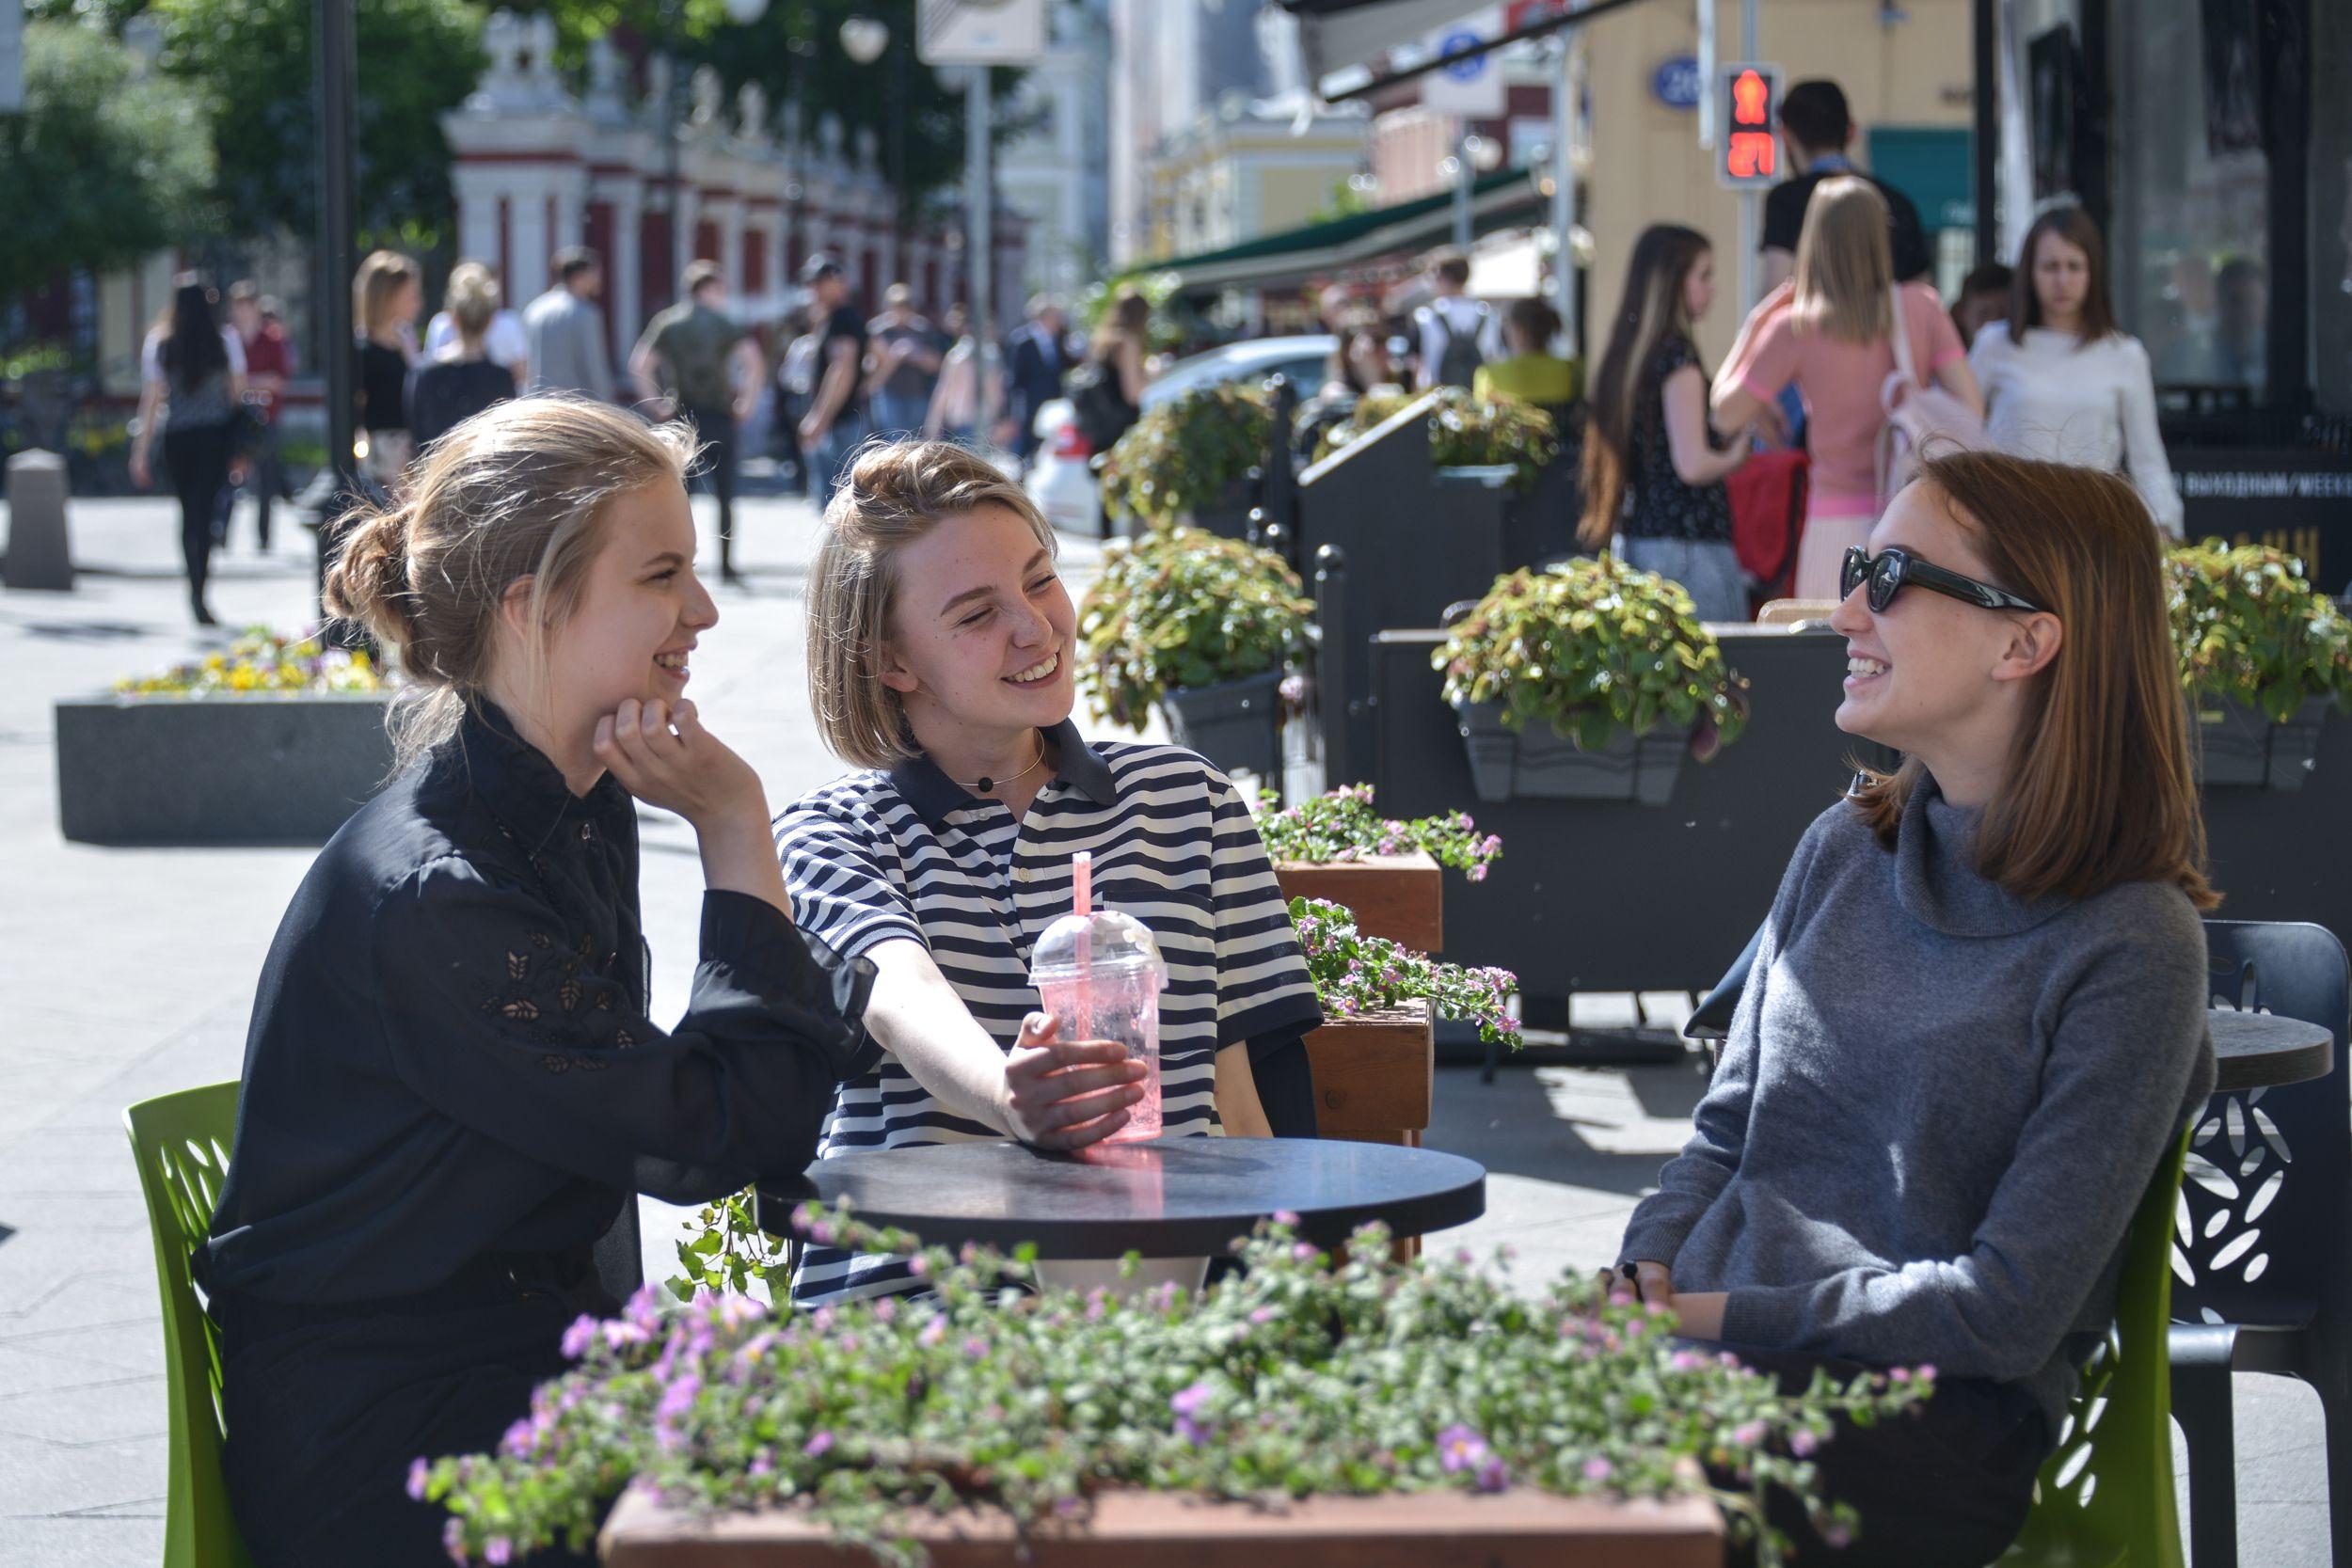 Рестораторов Москвы попросили свернуть летние веранды из-за непогоды